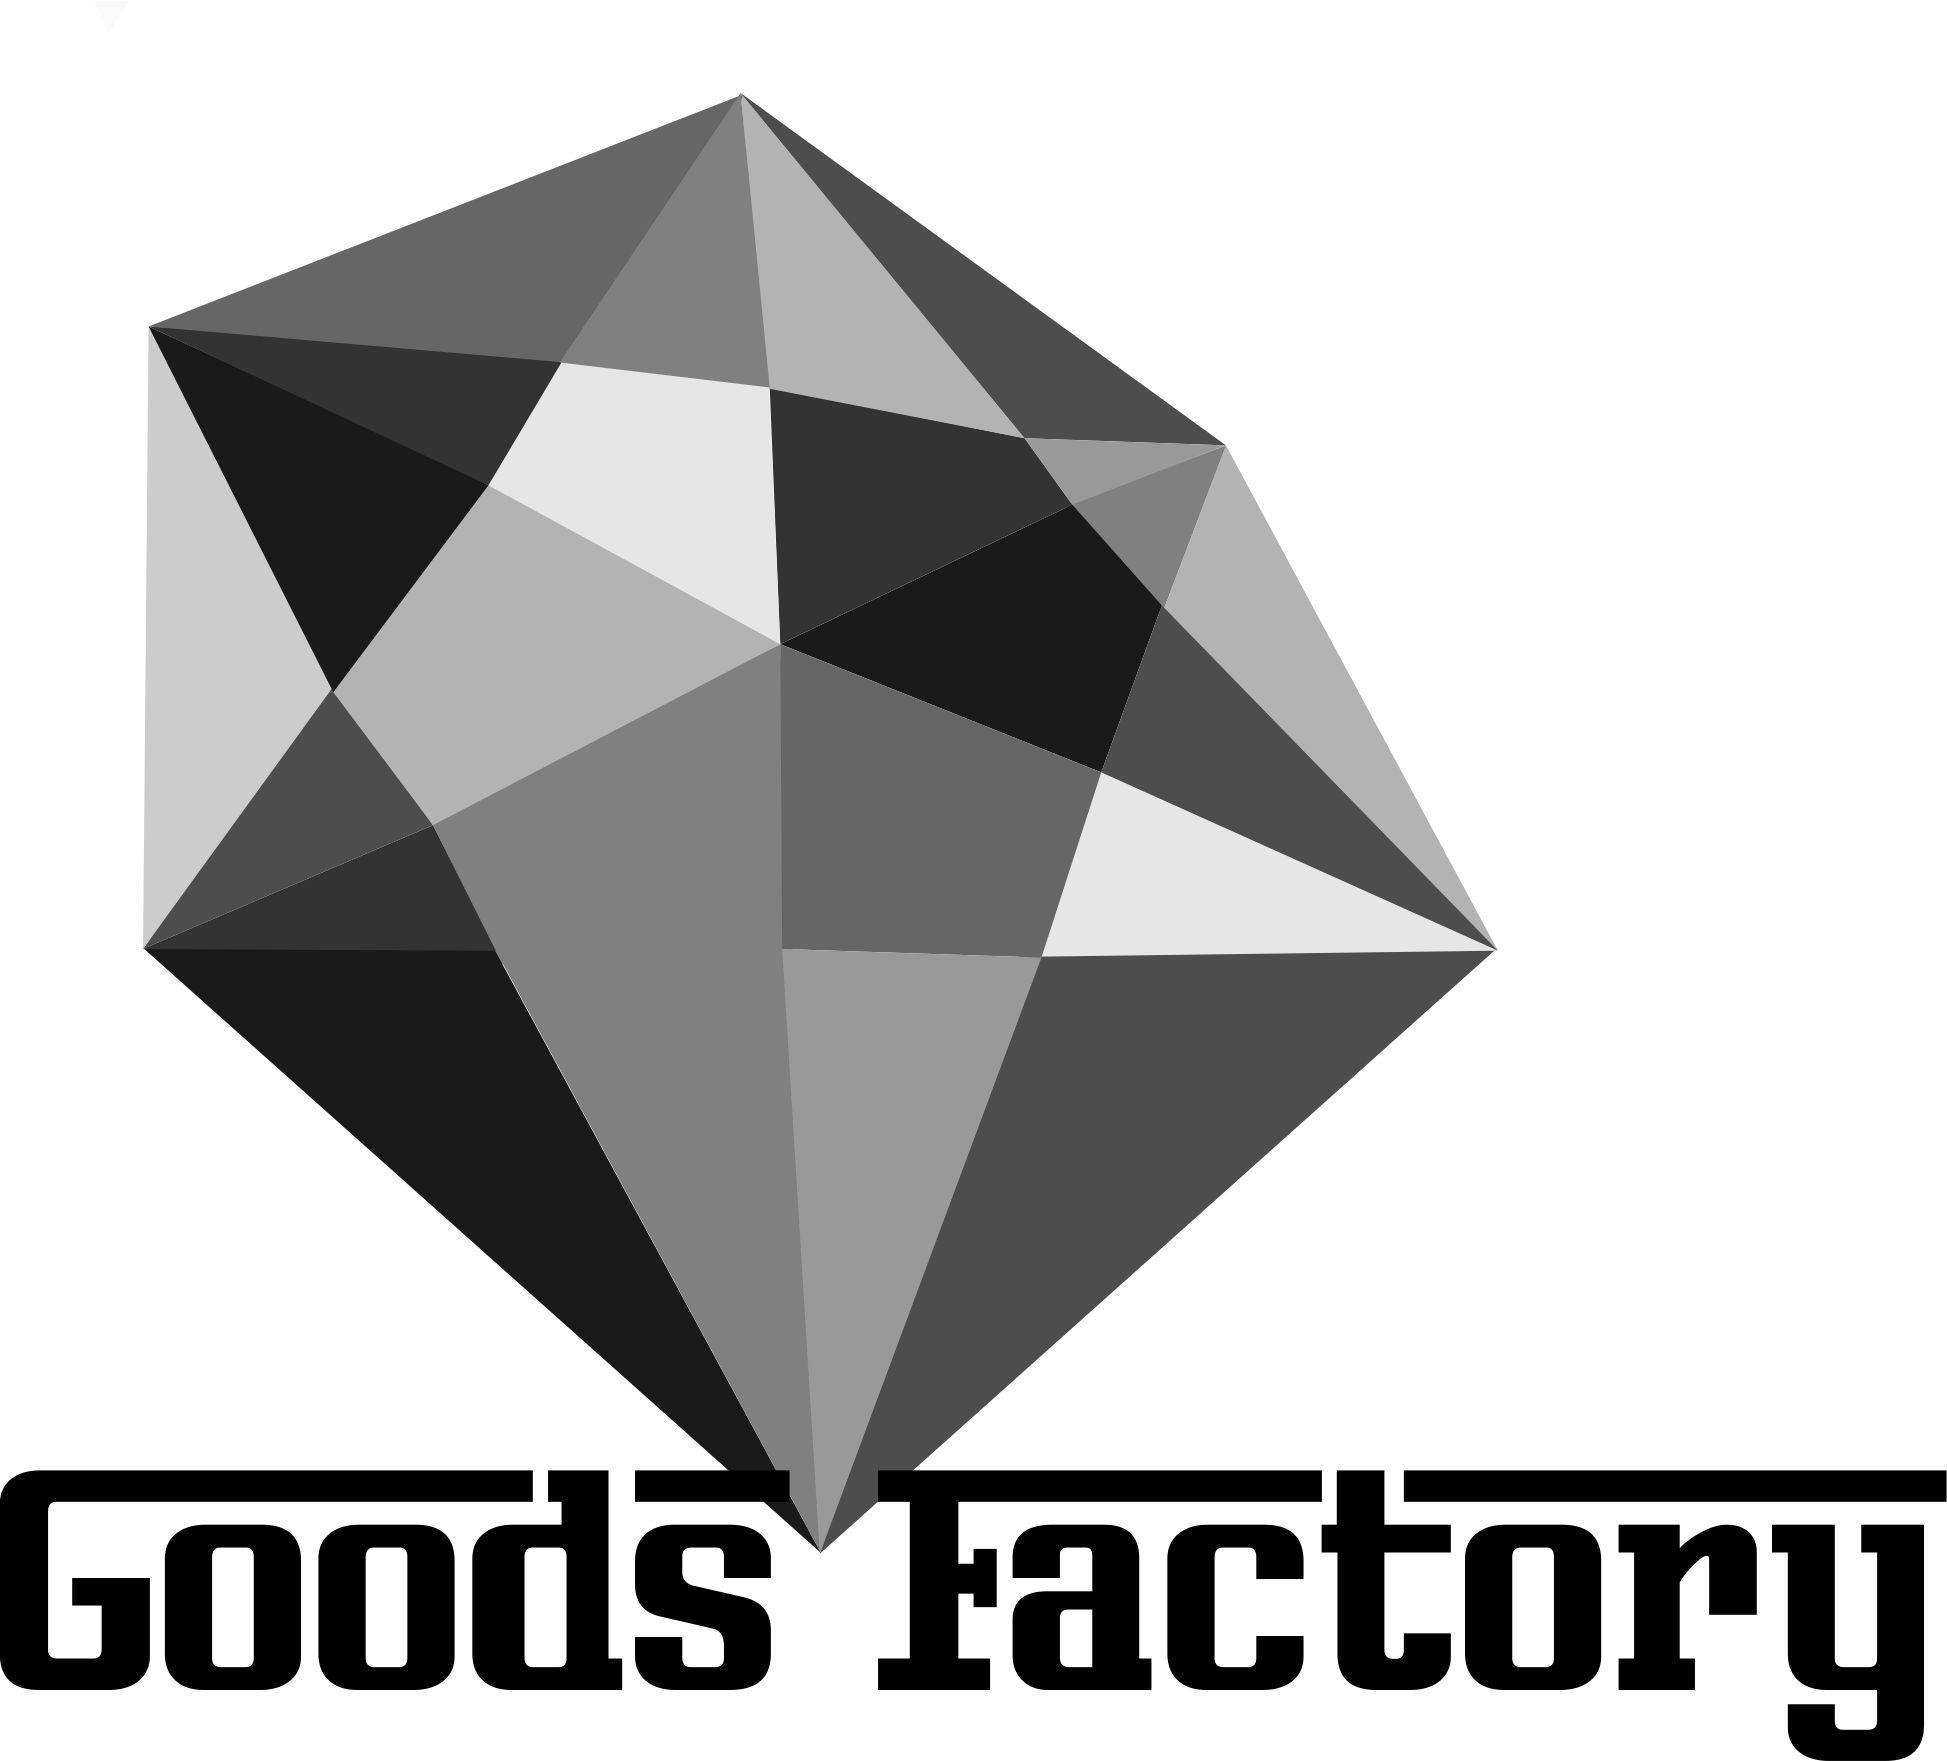 Разработка логотипа компании фото f_547596b575d1775b.jpg